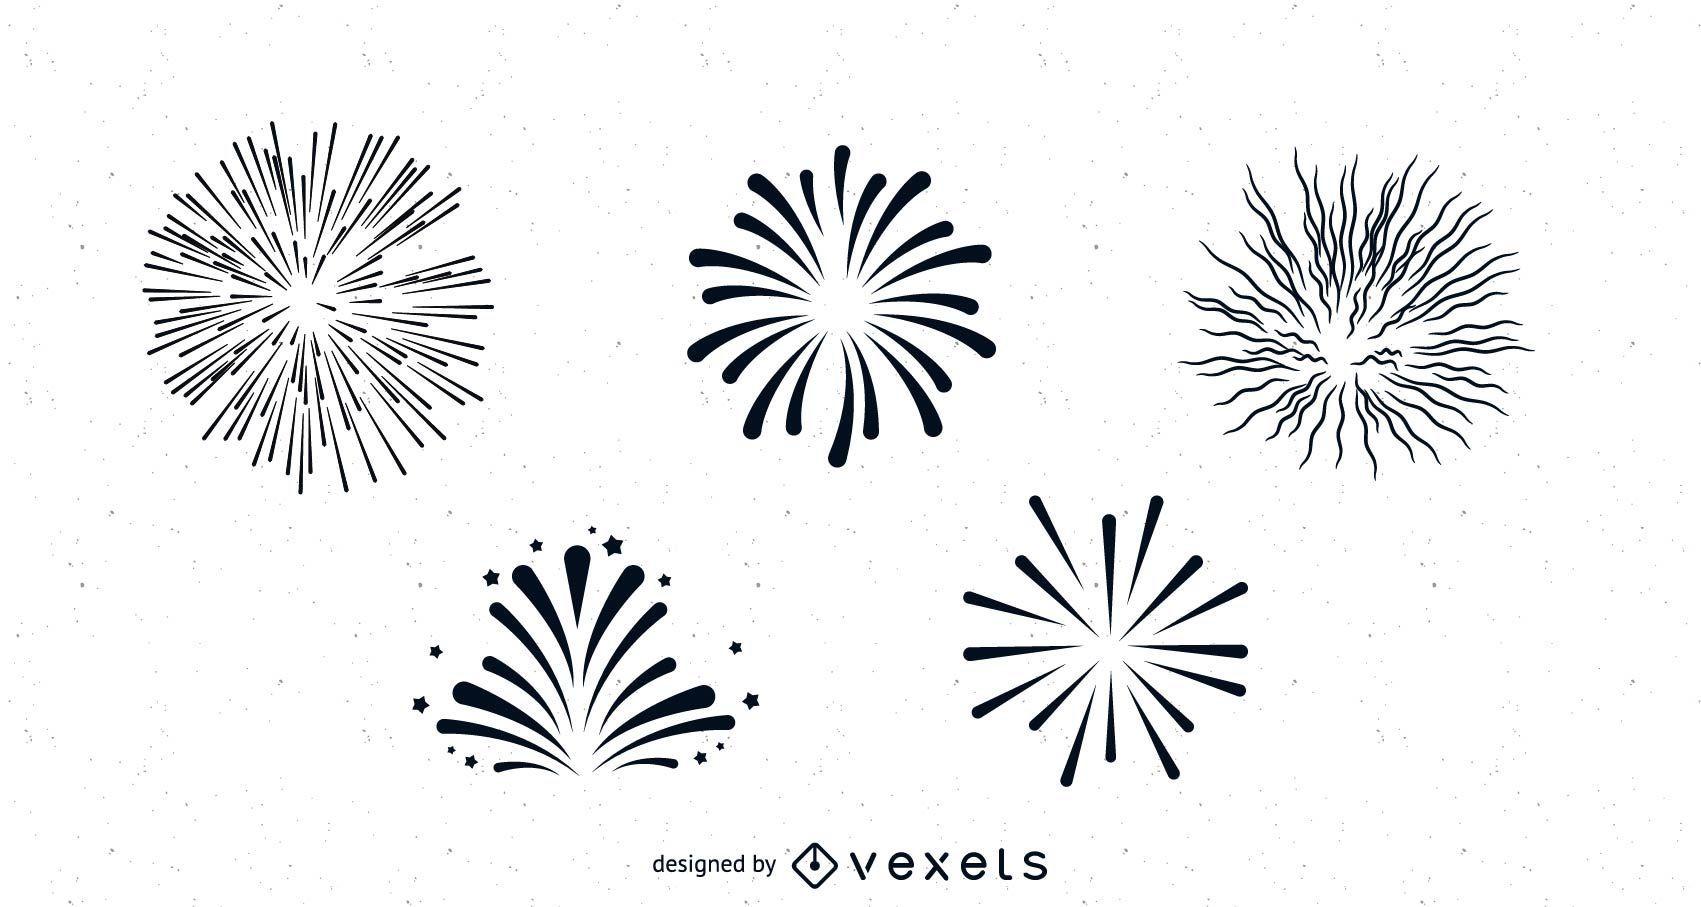 Paquete de fuegos artificiales limpio y suave